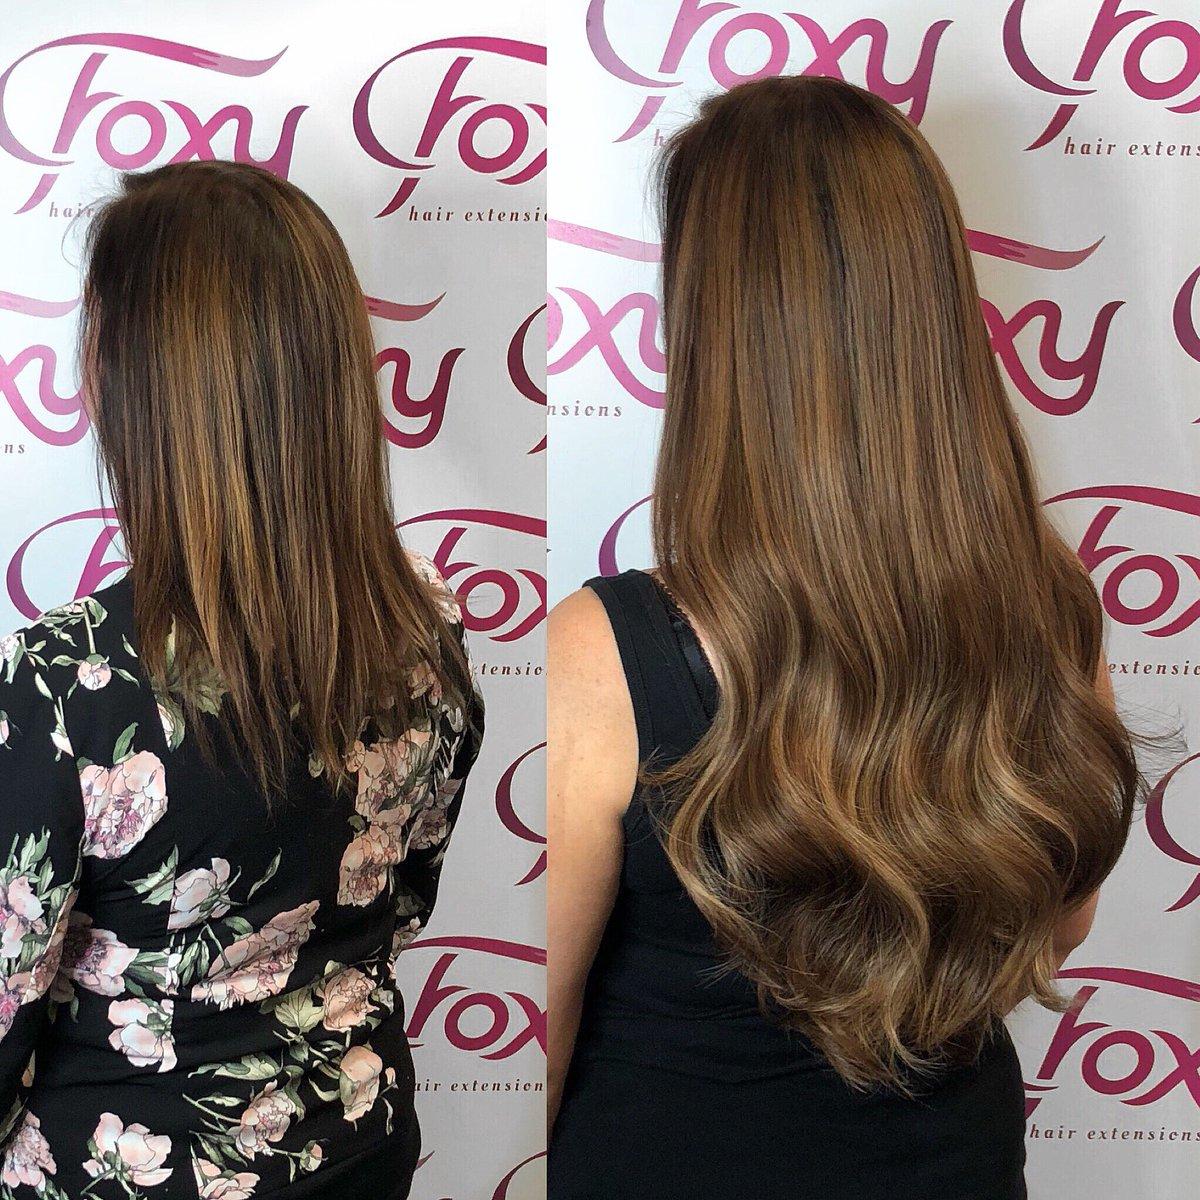 Foxy Hair Extensions Foxyhair Twitter